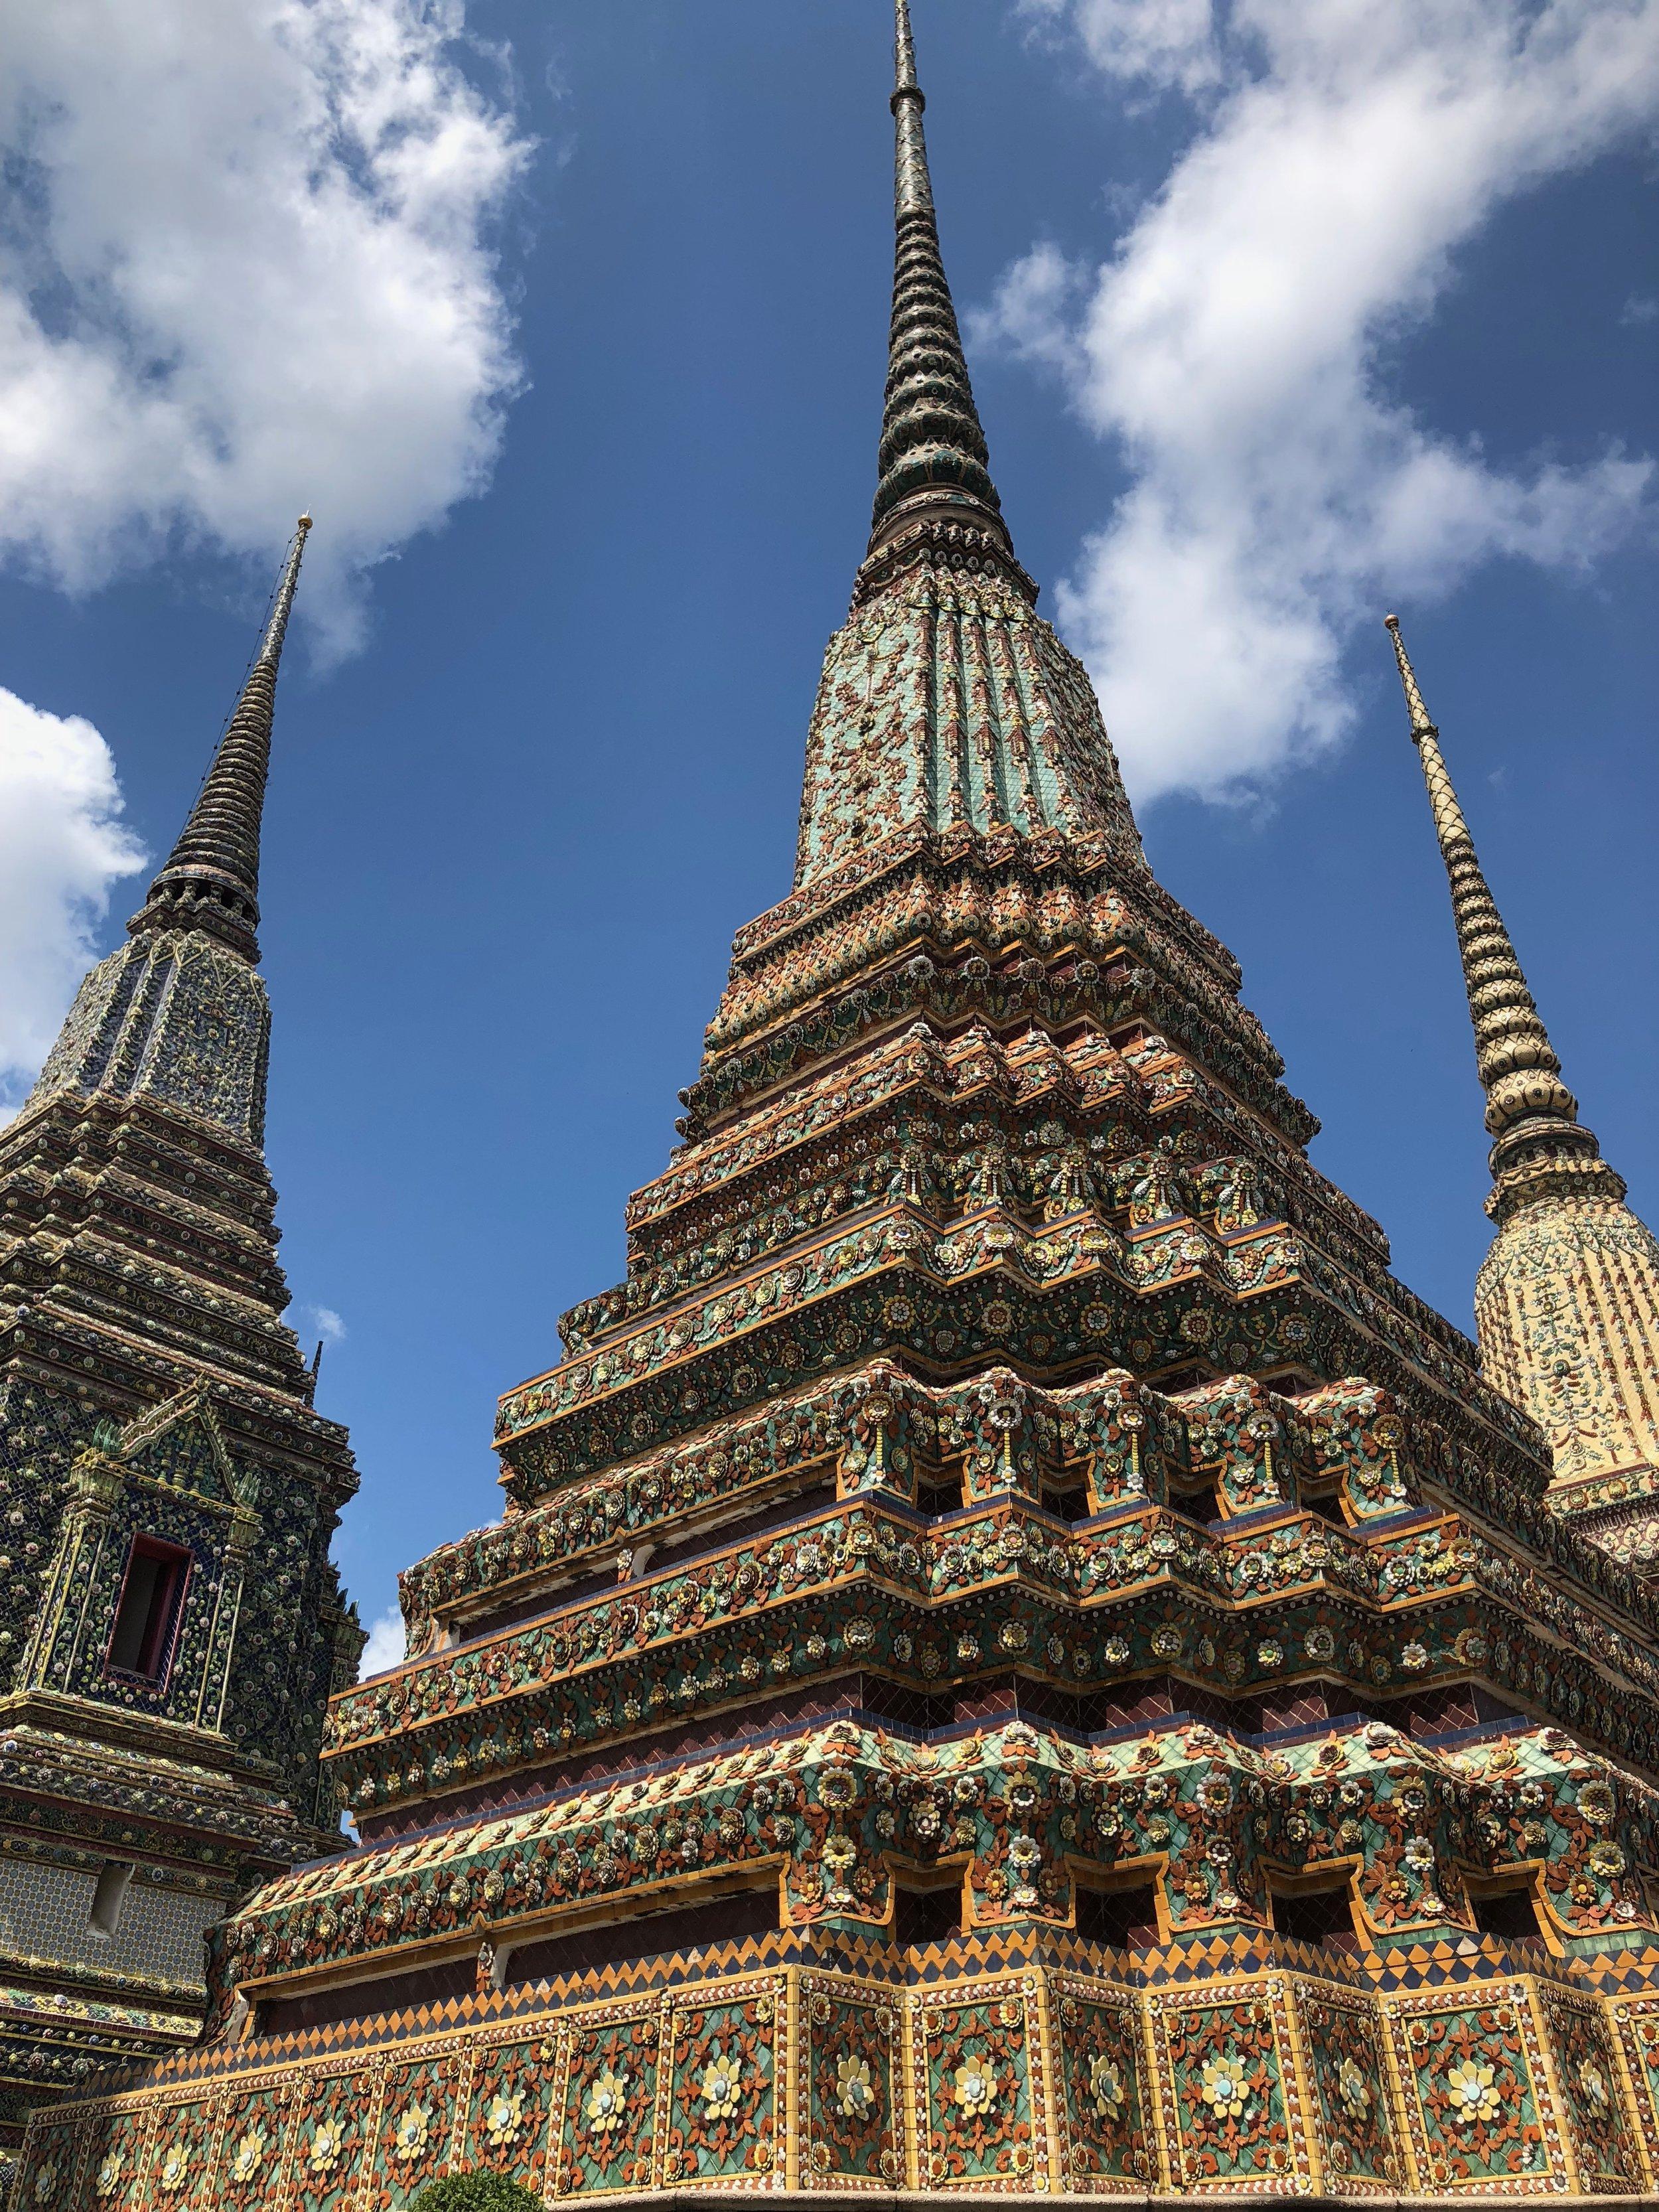 Las espiras de Wat Pho, otro complejo de templos cerca de Wat Arun Ratchawararam. Son muy decorados y increíbles.